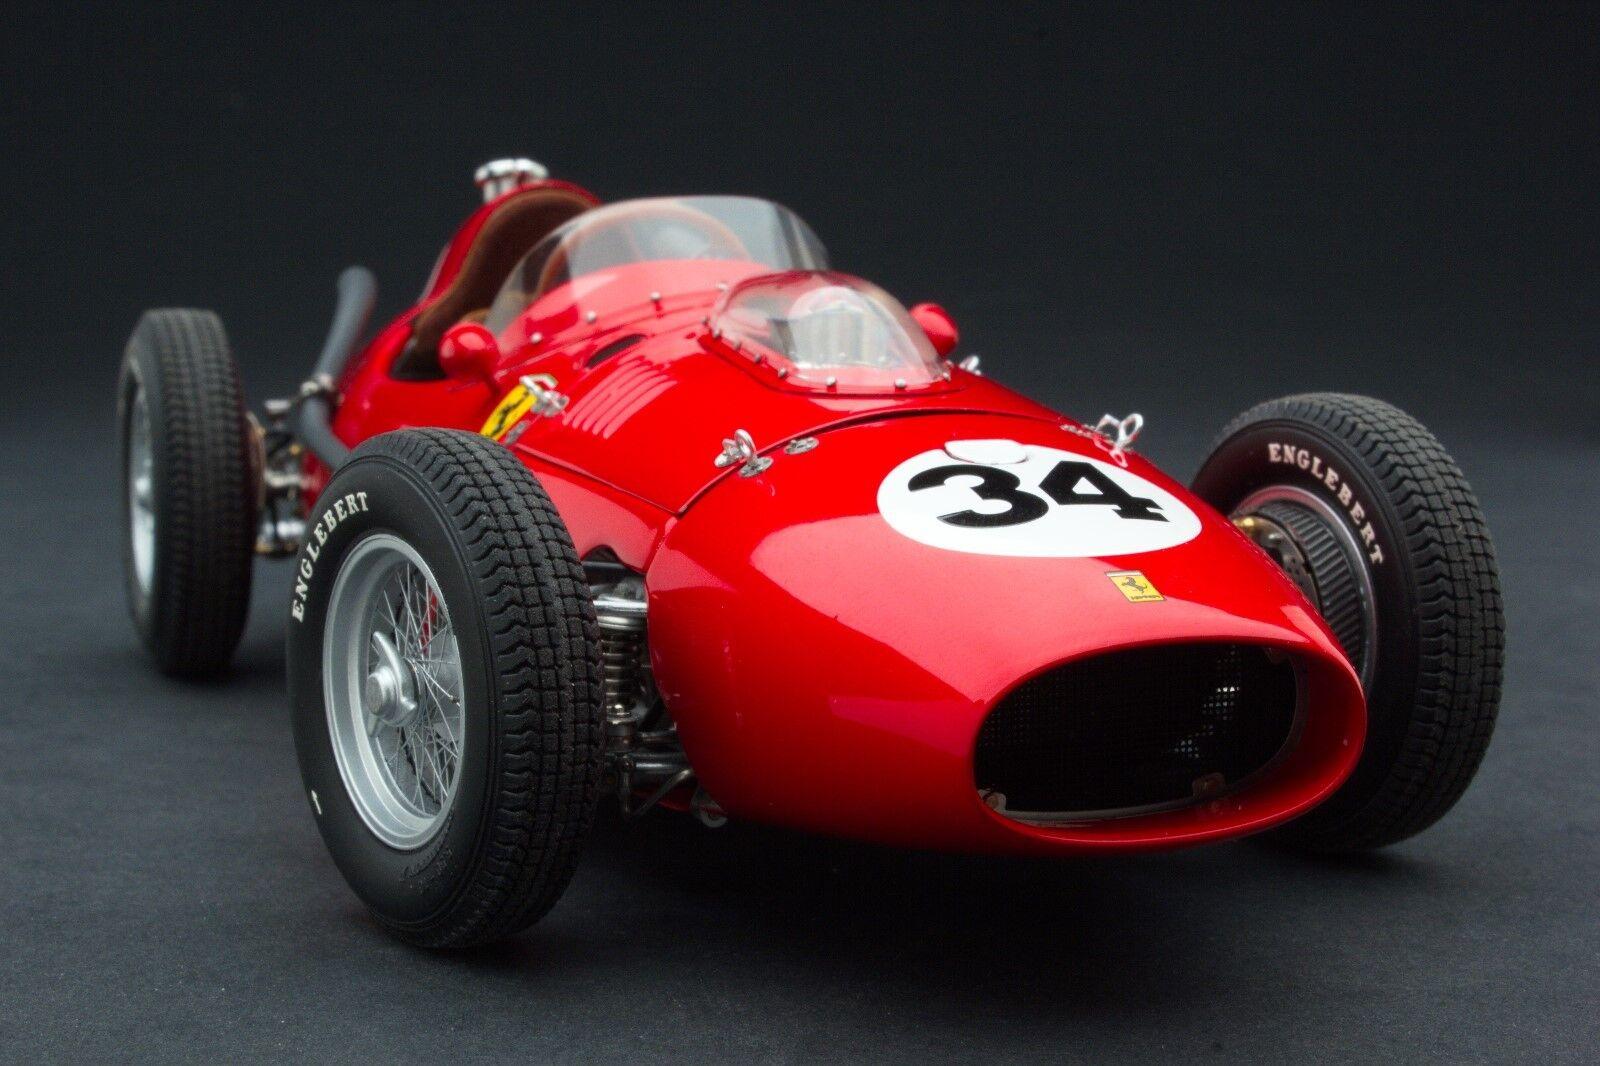 compras online de deportes Exoto XS 1 18   1958 Ferrari Dino Dino Dino 246 F1 Gp de Monaco   Luigi Musso    GPC97215  descuentos y mas